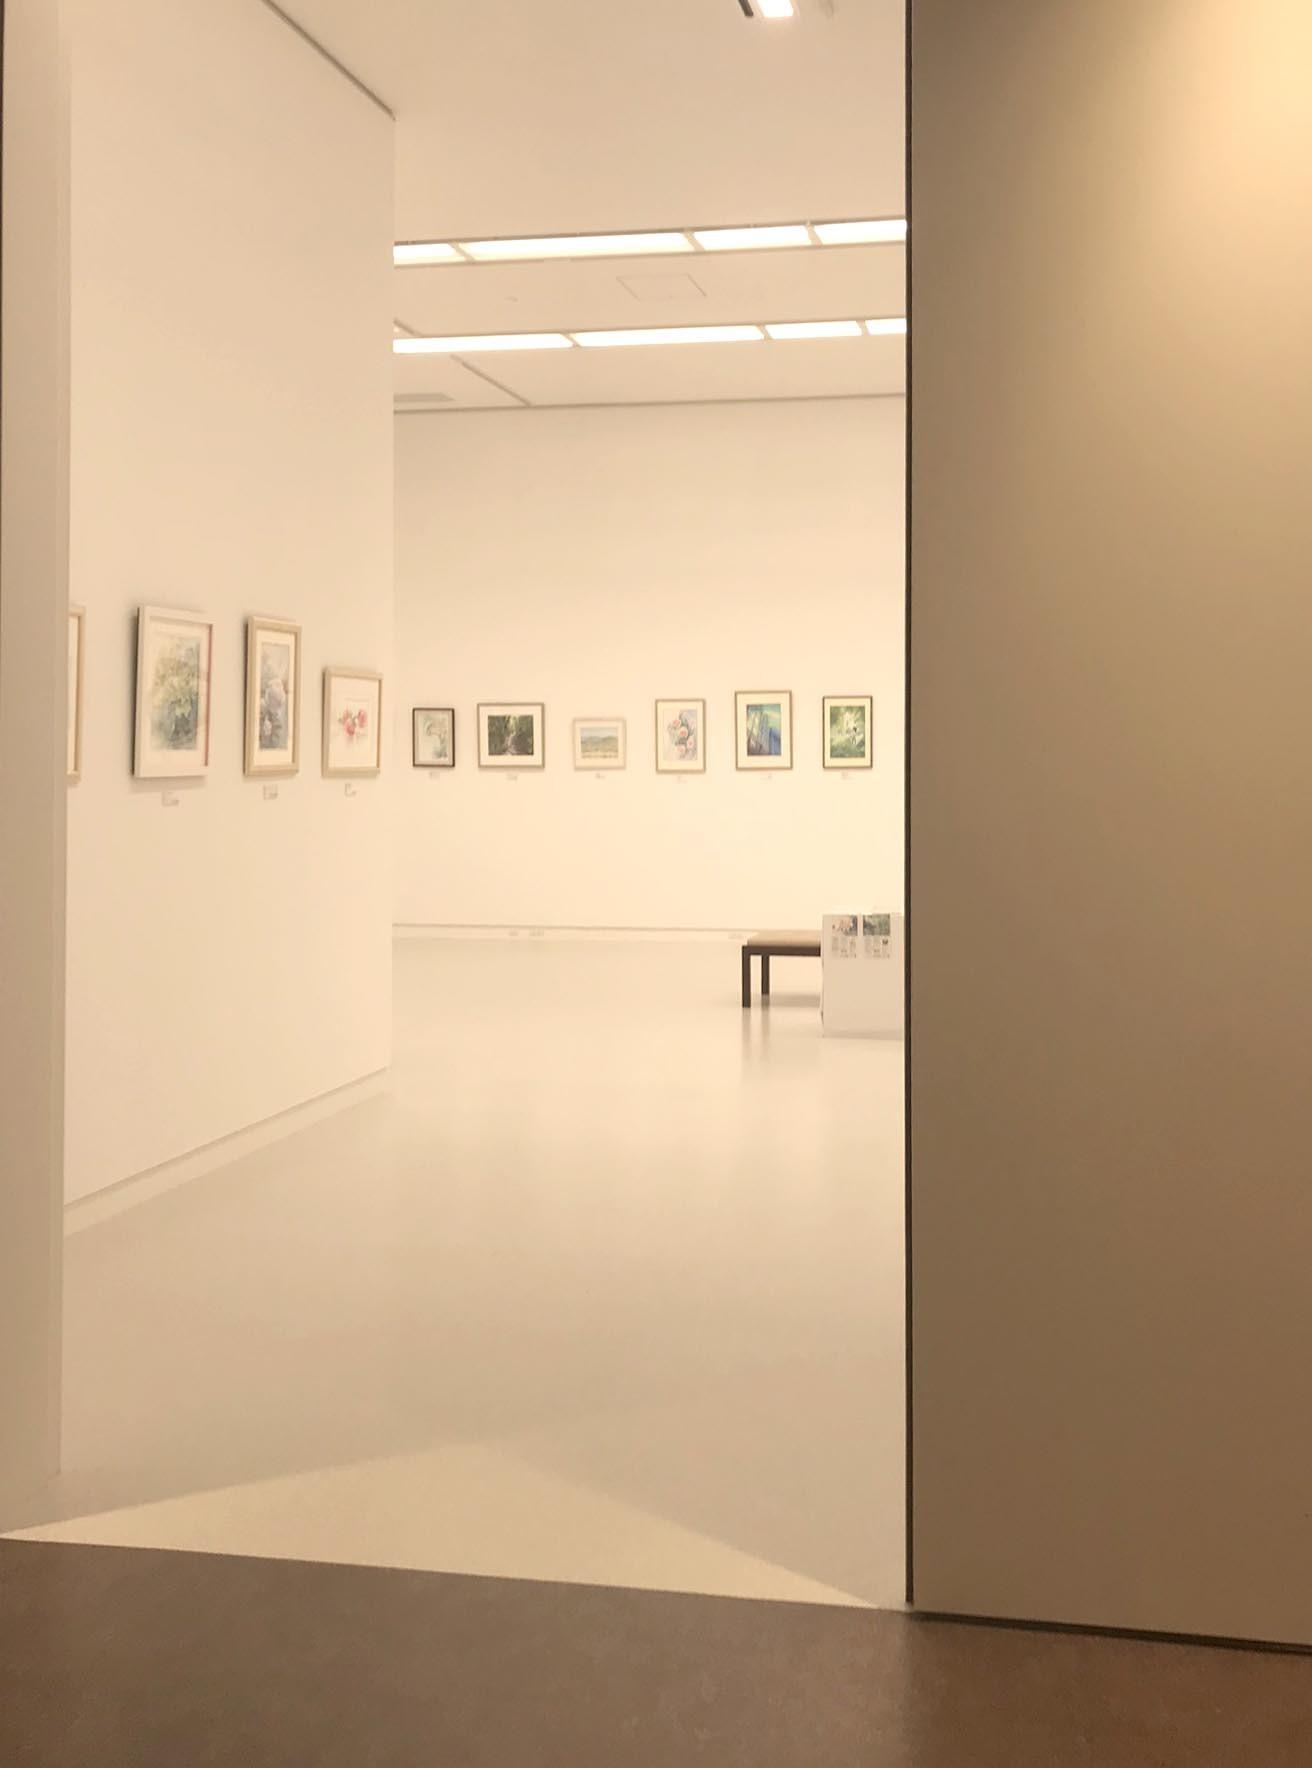 はるさき水彩画教室展 9/3(火)ー9/8(日)_f0176370_18433591.jpeg